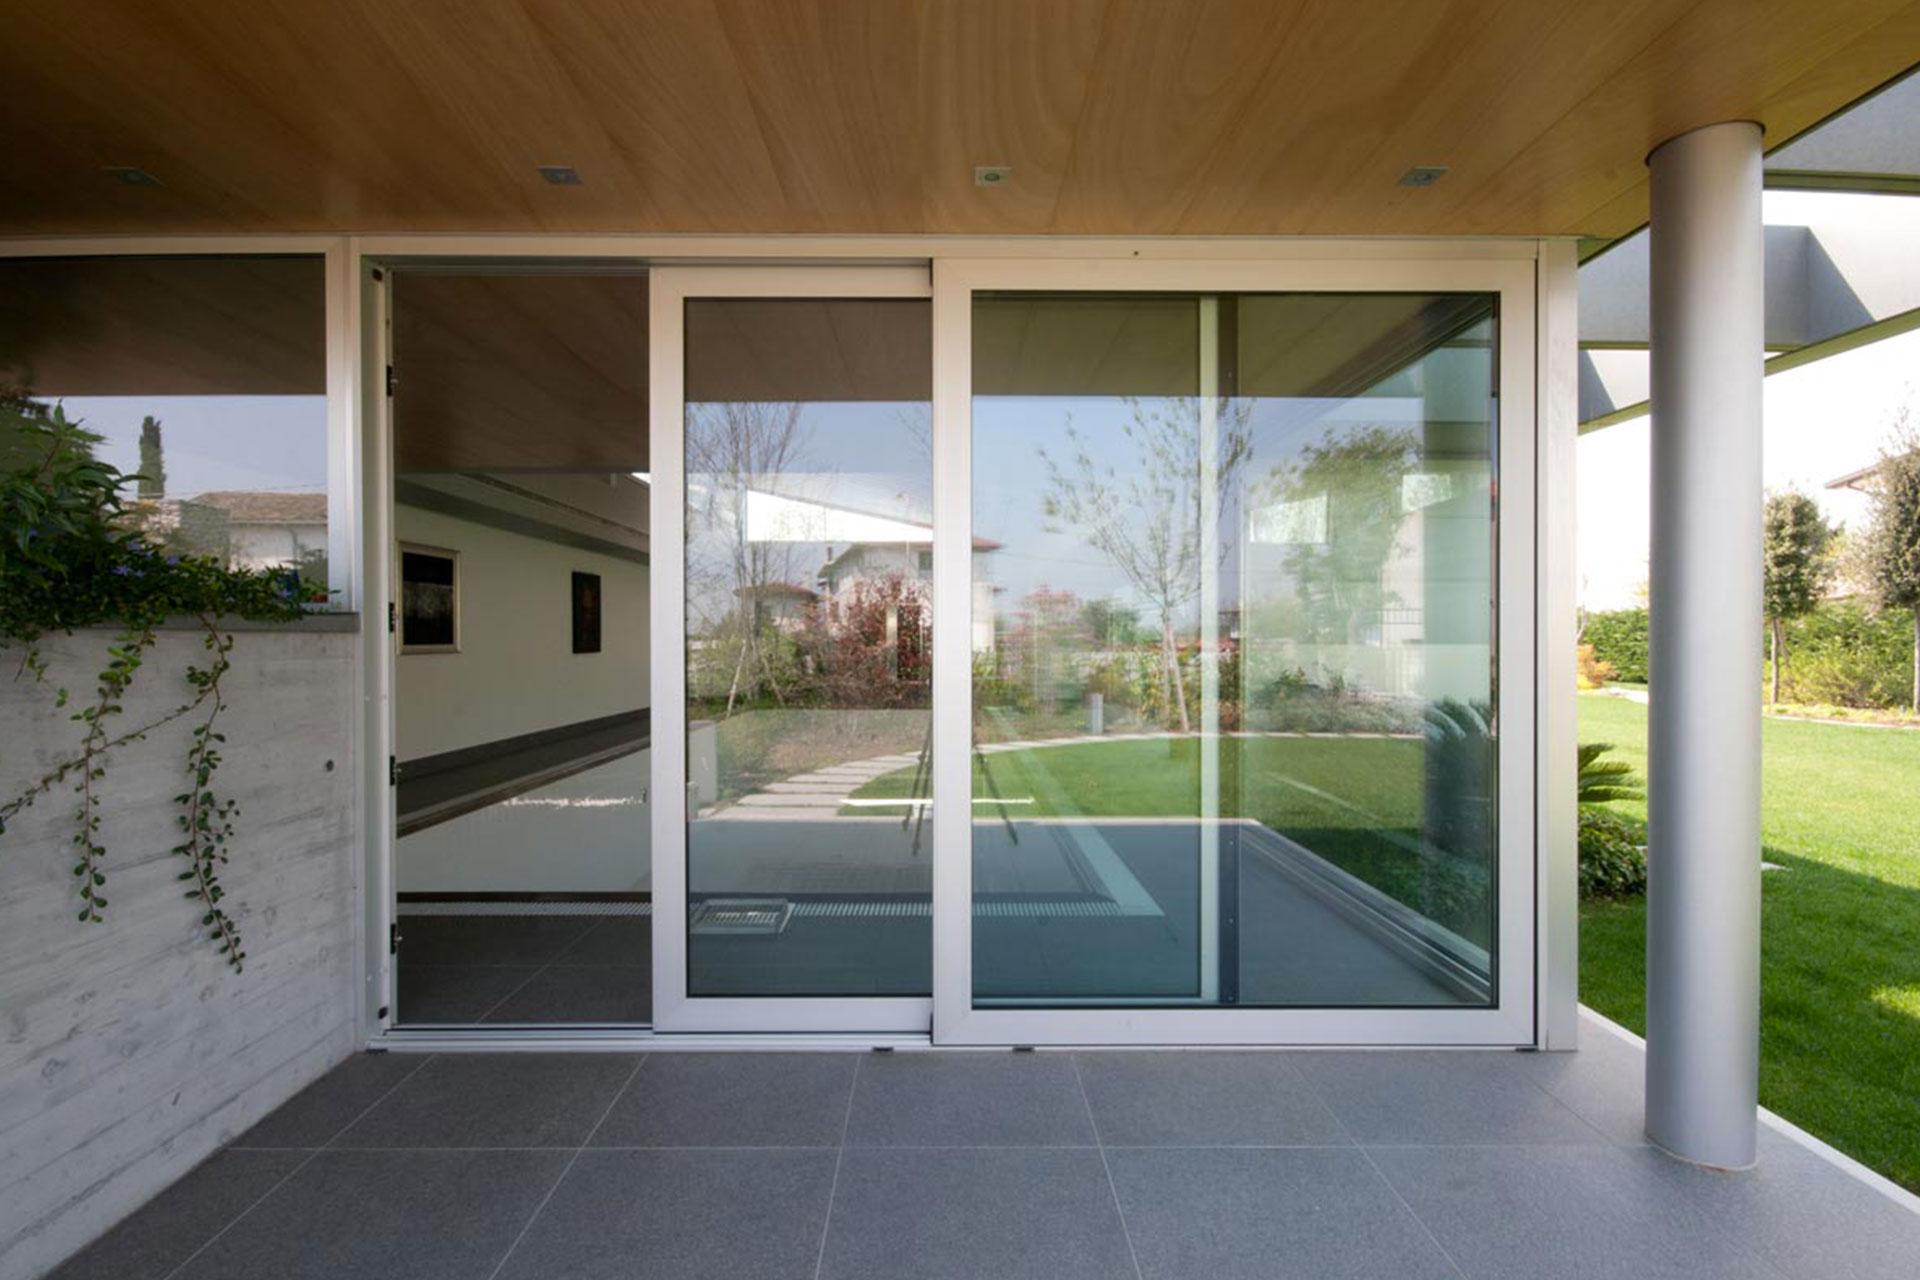 installazione serramenti scorrevoli chiari udine casa privata